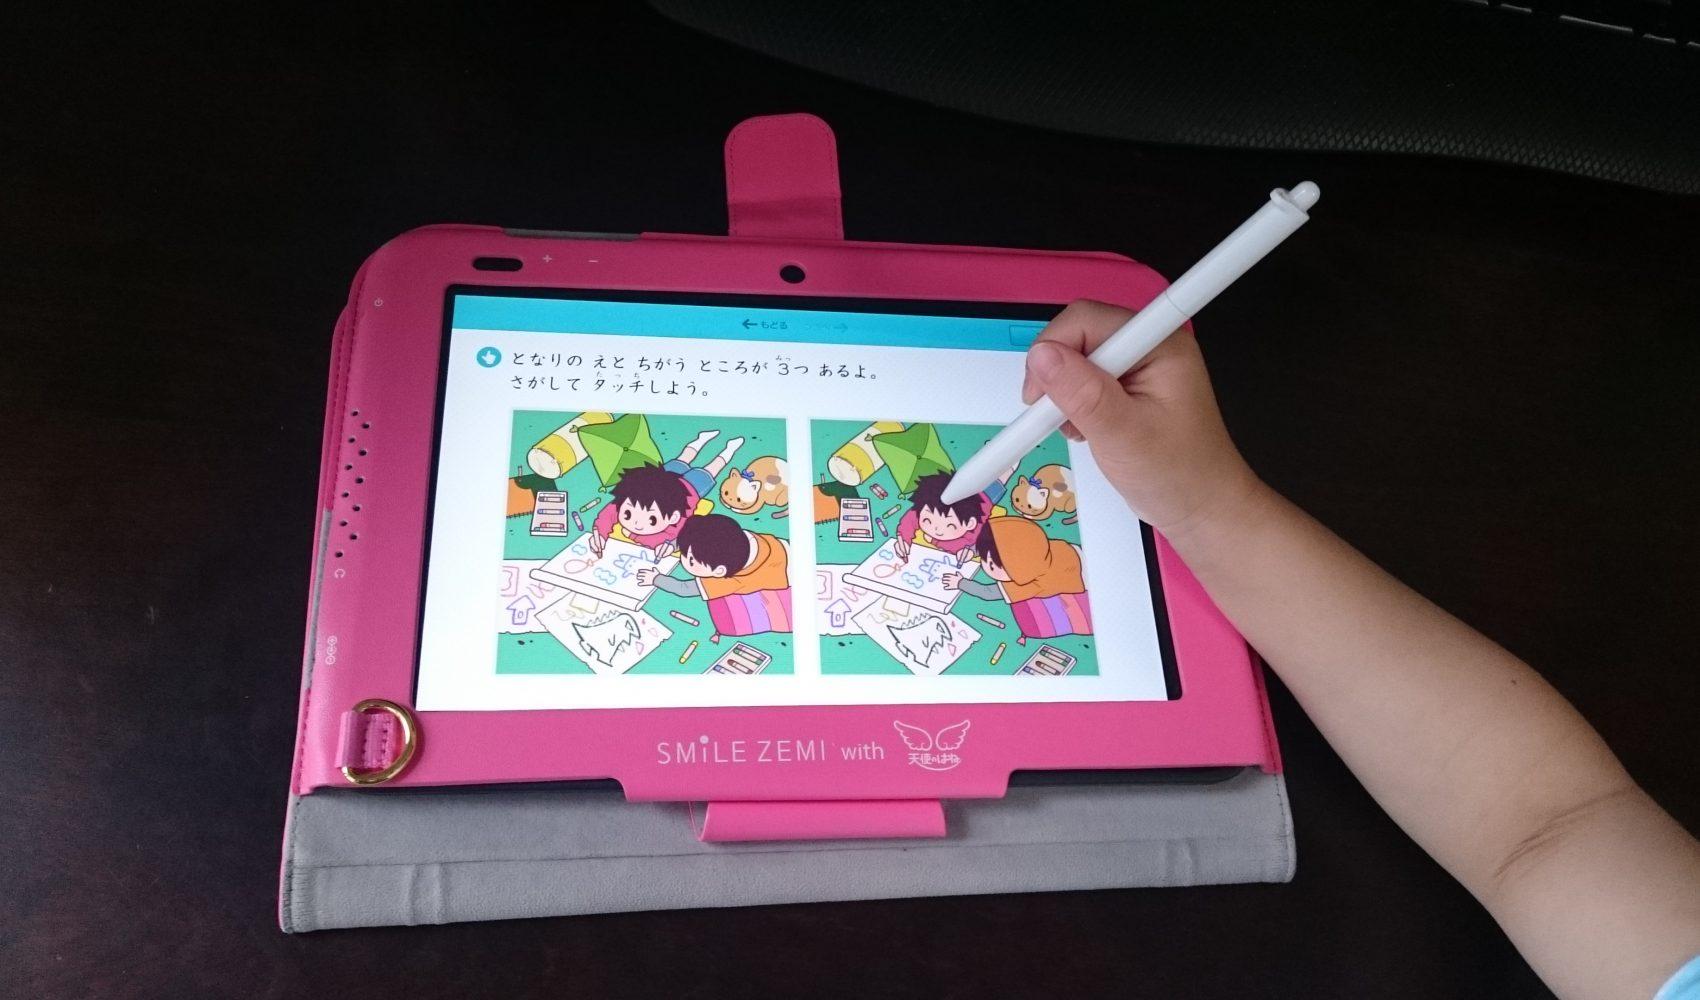 スマイルゼミWEB体験会LIVEが開催決定!